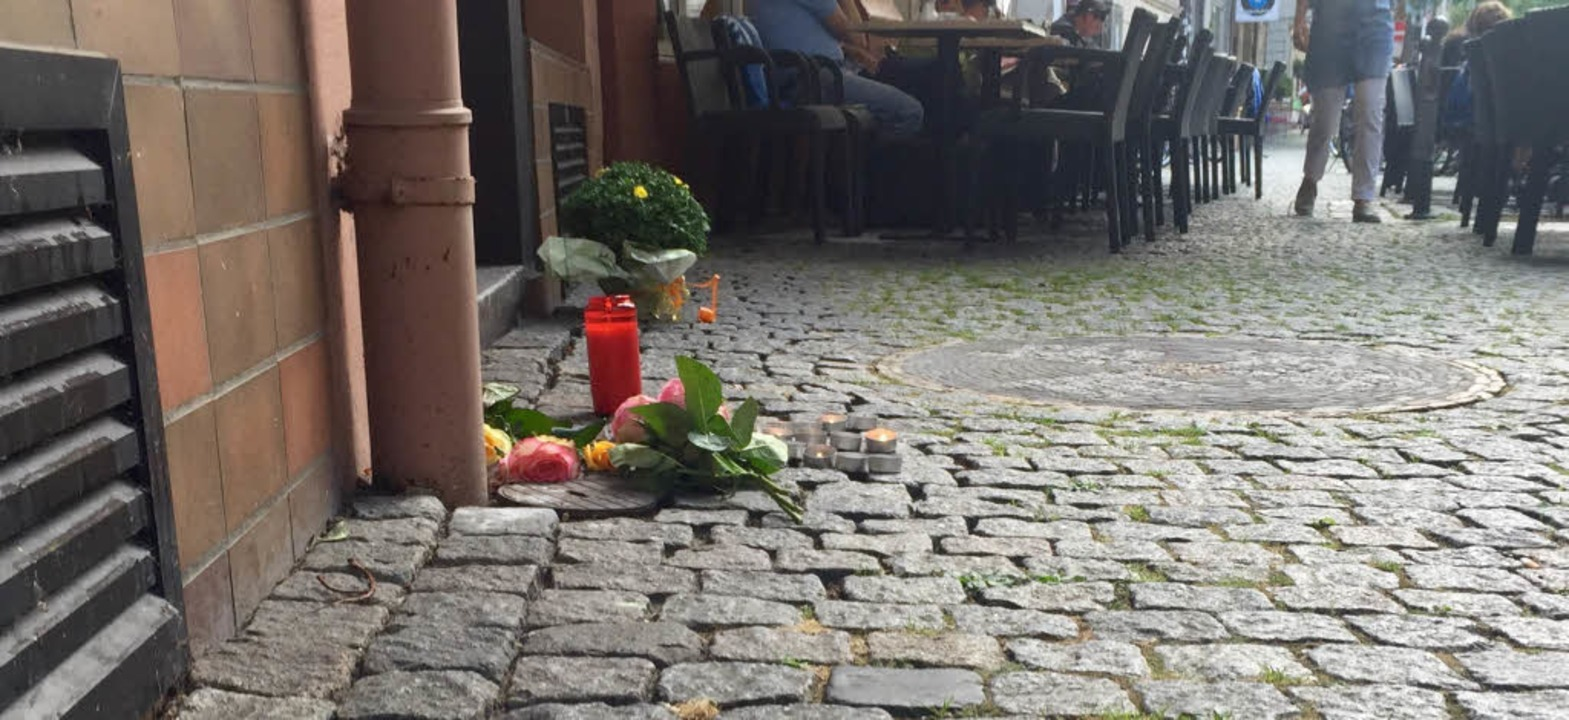 Die Tat ereignete sich in der Gartenstraße in der Freiburger Altstadt.  | Foto: Joachim Röderer